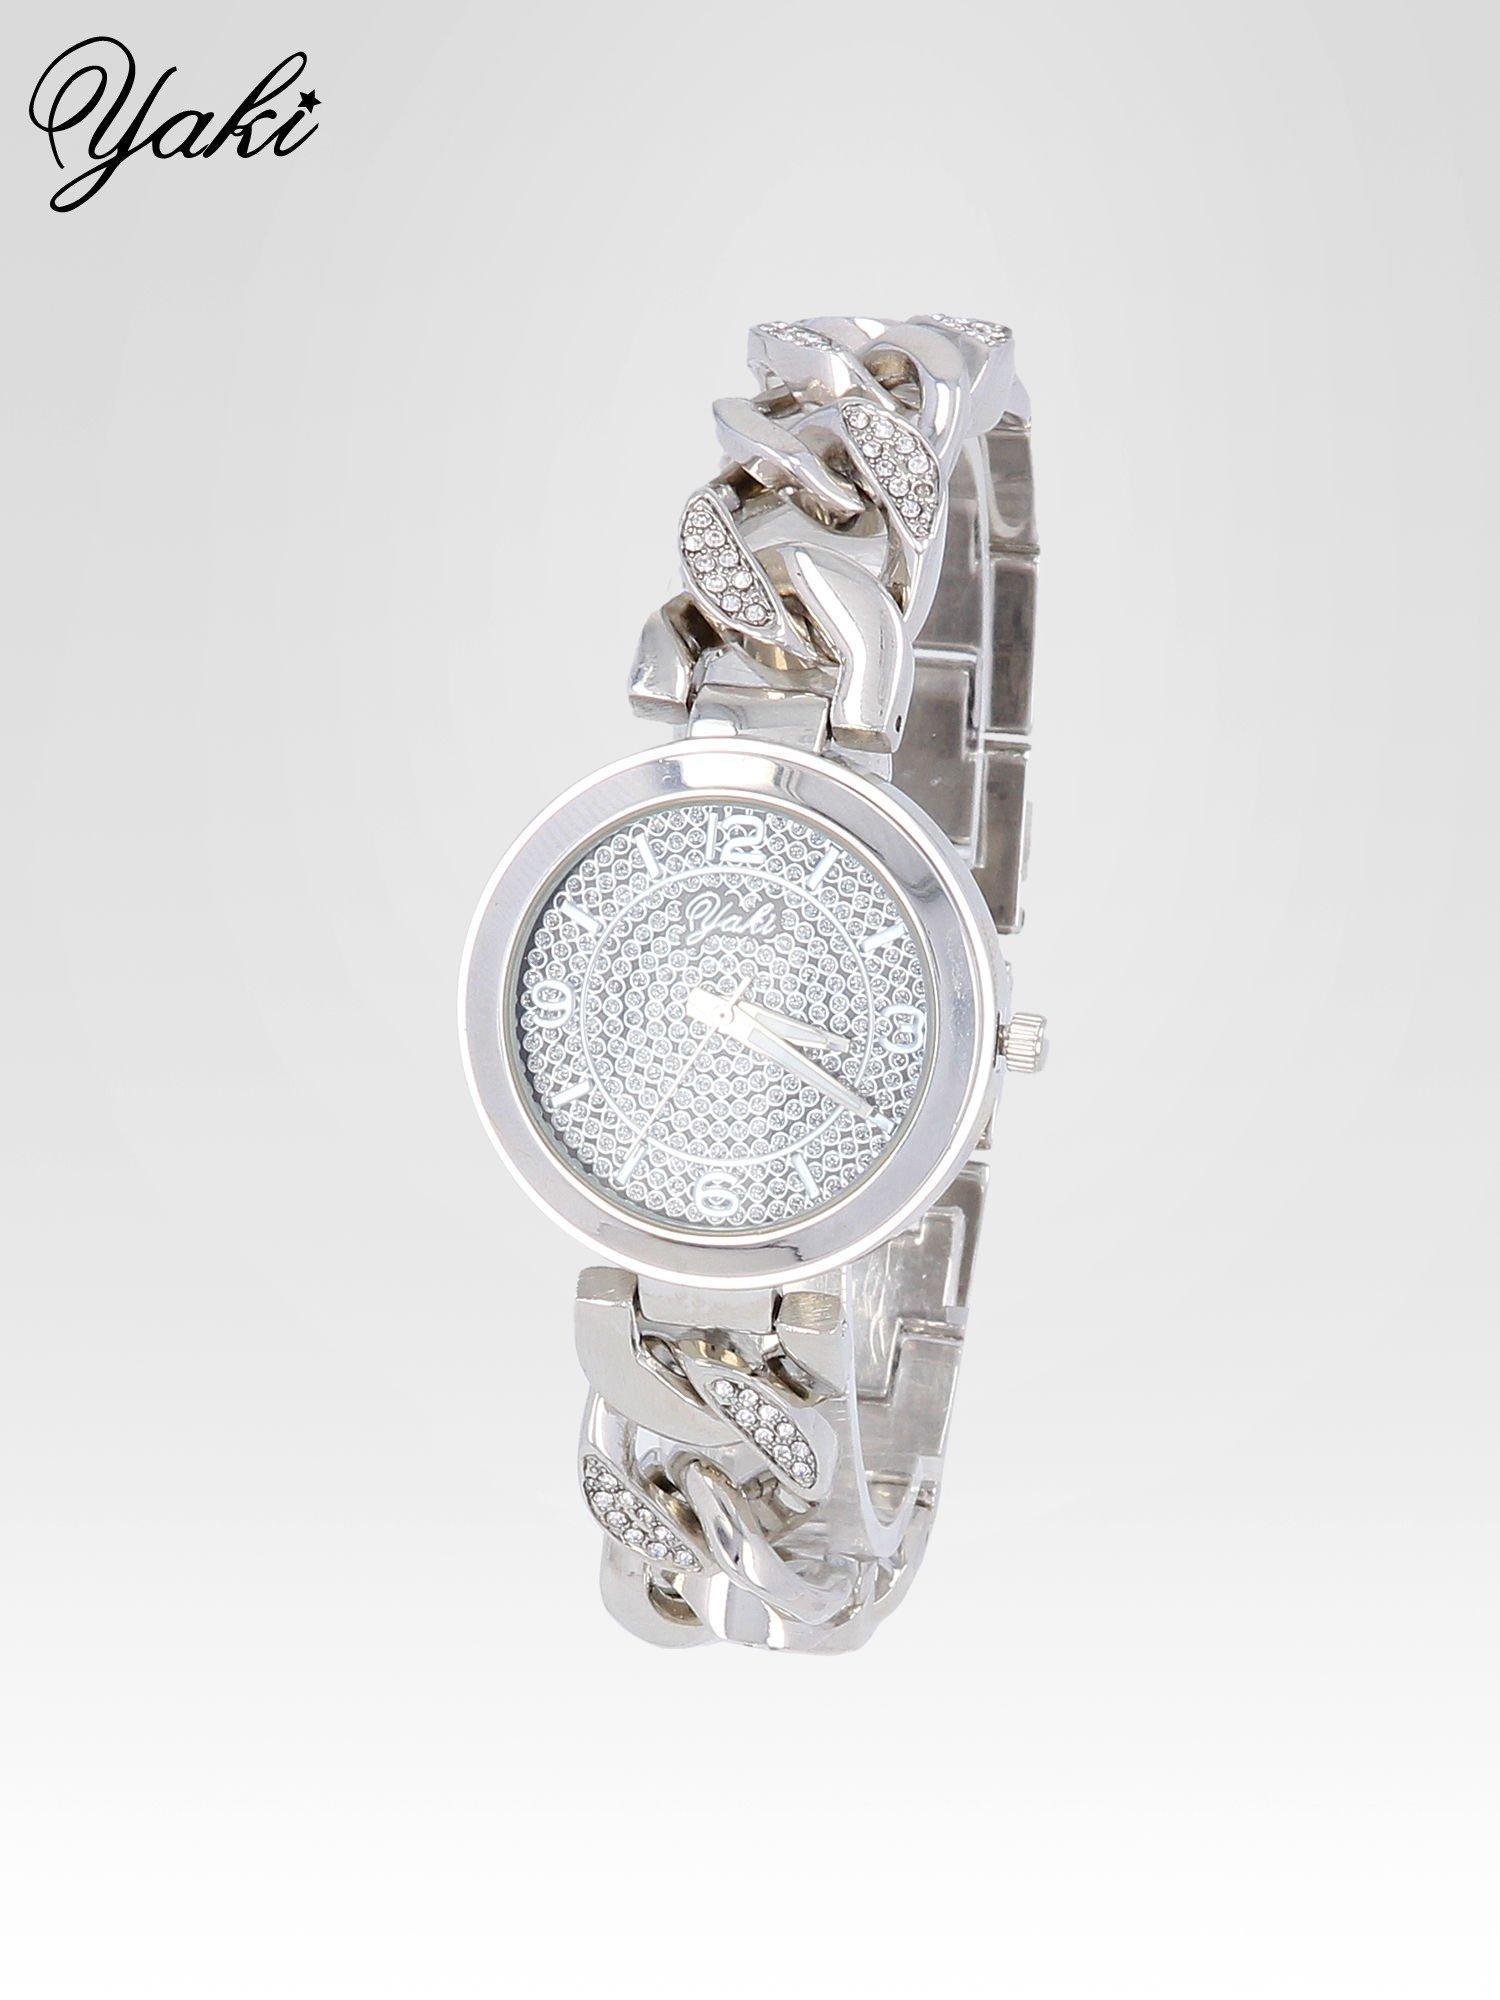 Bizuteryjny zegarek na bansolecie z cyrkoniami ze srebra                                  zdj.                                  2